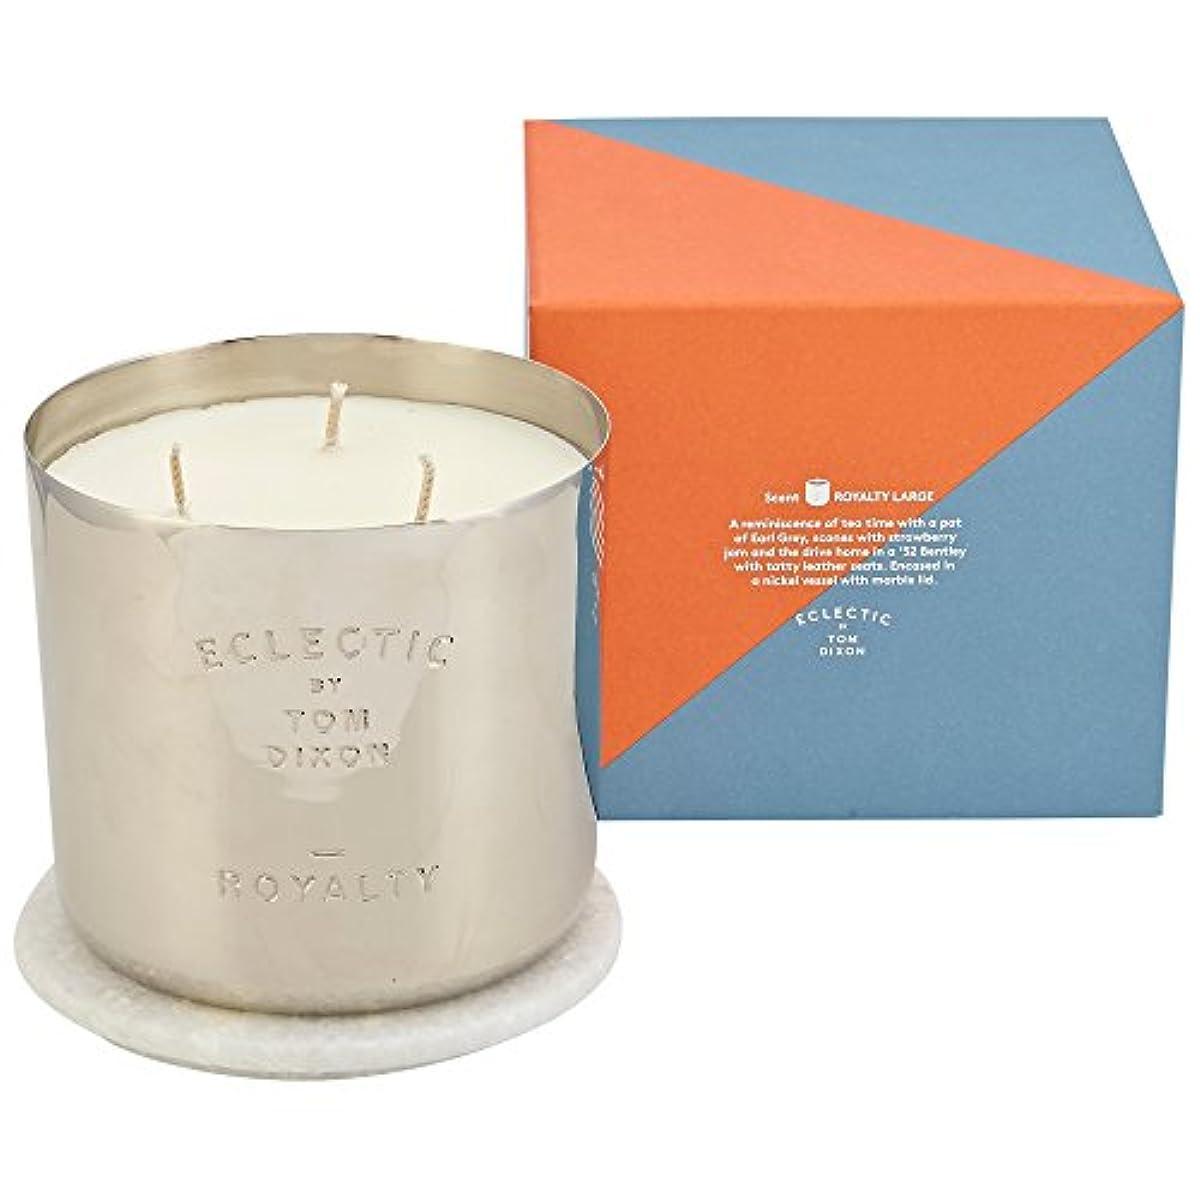 生き物食料品店め言葉トムディクソンロイヤリティ大きな香りのキャンドル x6 - Tom Dixon Royalty Scented Candle Large (Pack of 6) [並行輸入品]